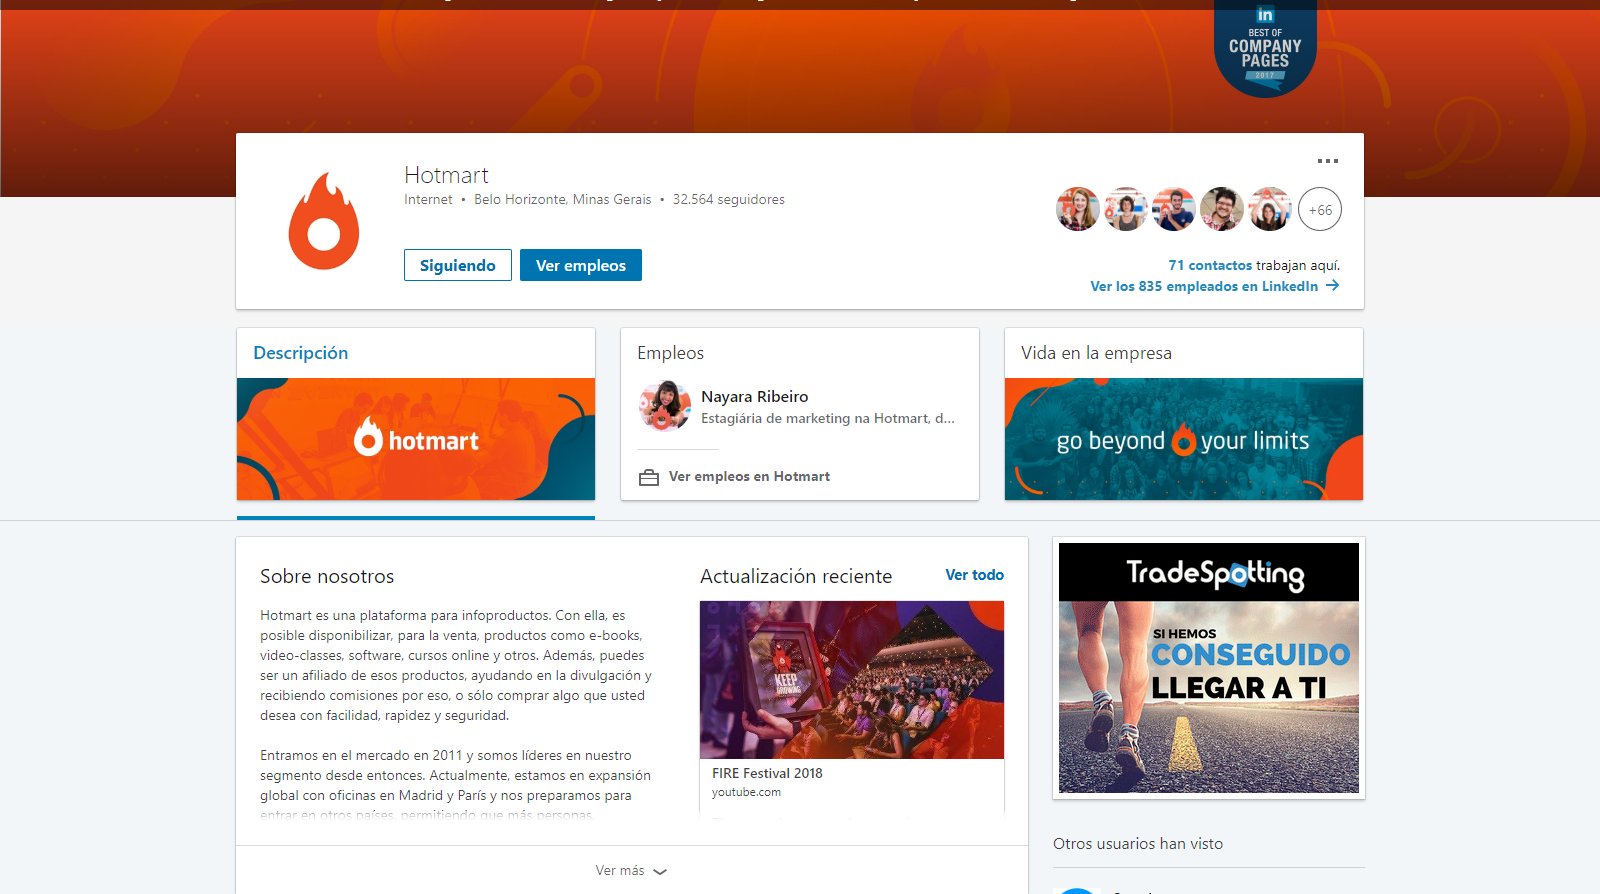 imágenes de redes sociales - perfil de linkedin